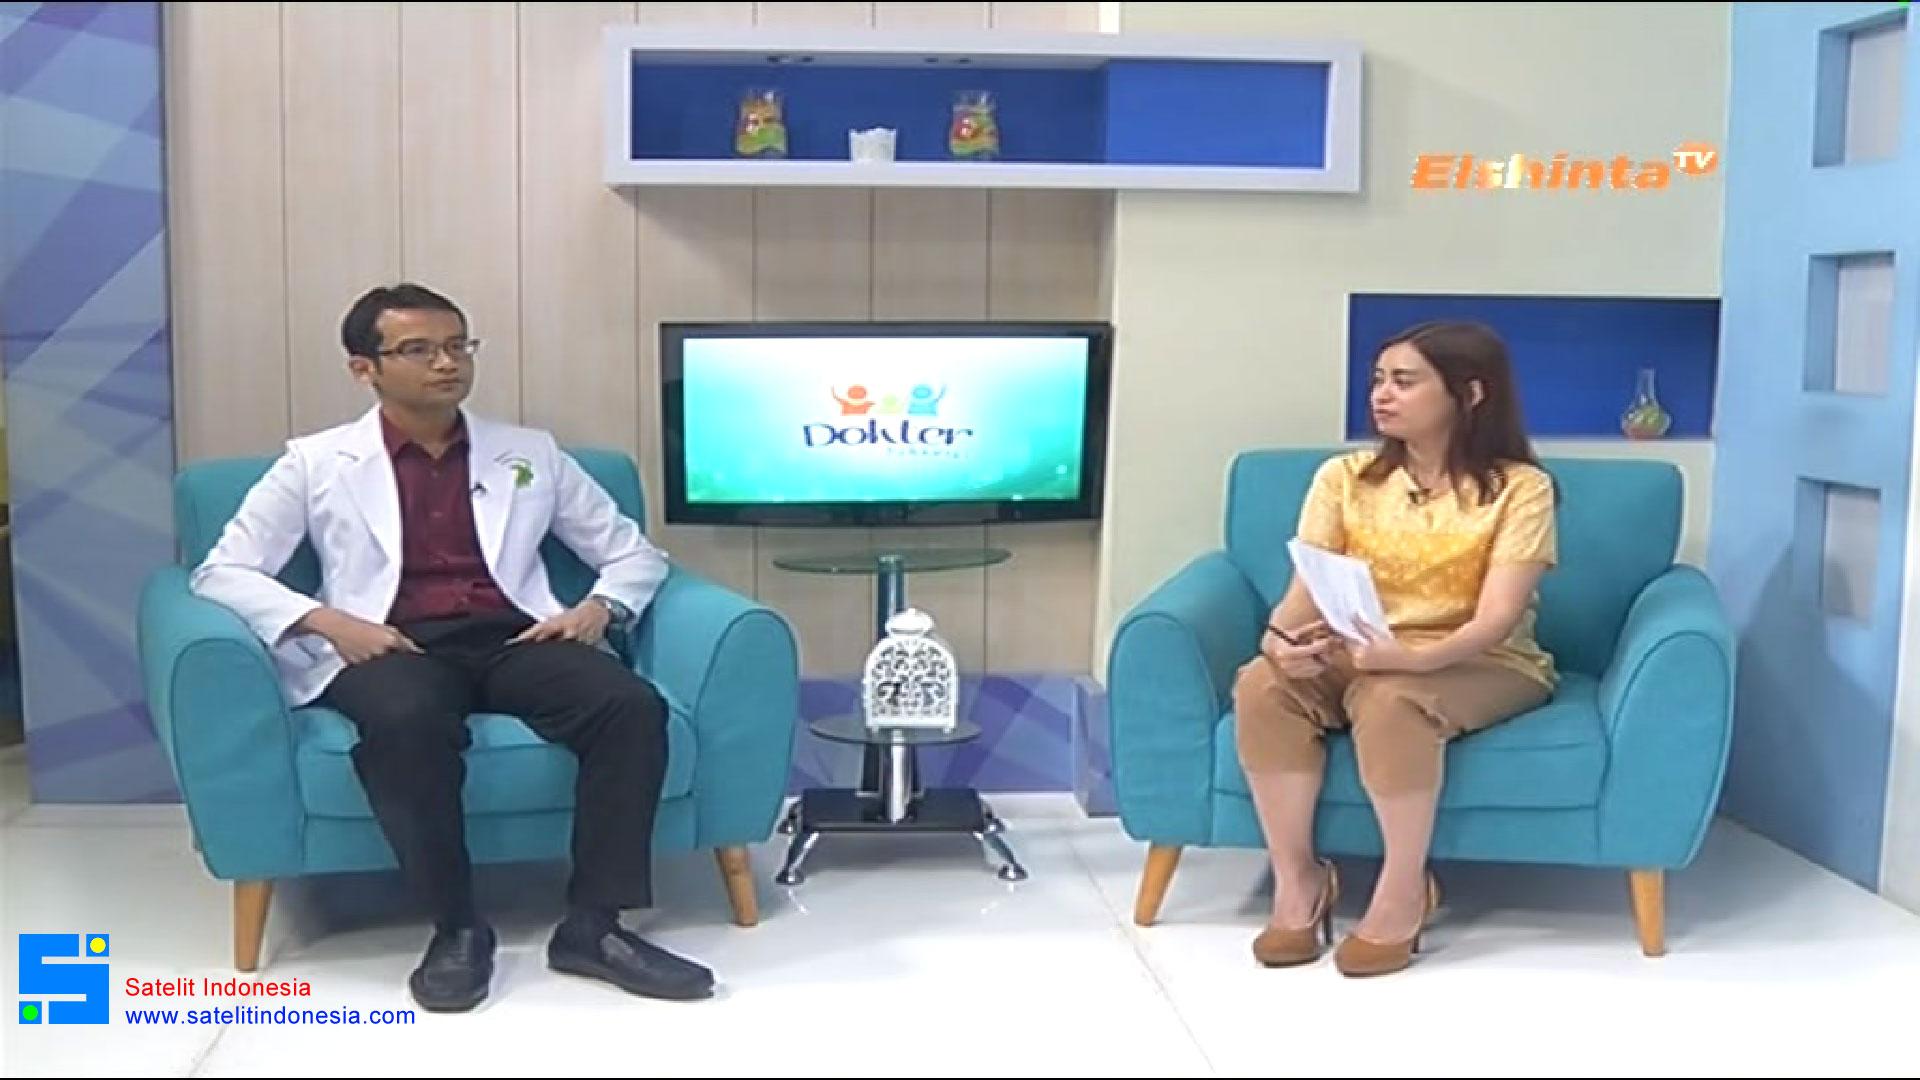 Frekuensi siaran ElshintaTV di satelit Palapa D Terbaru